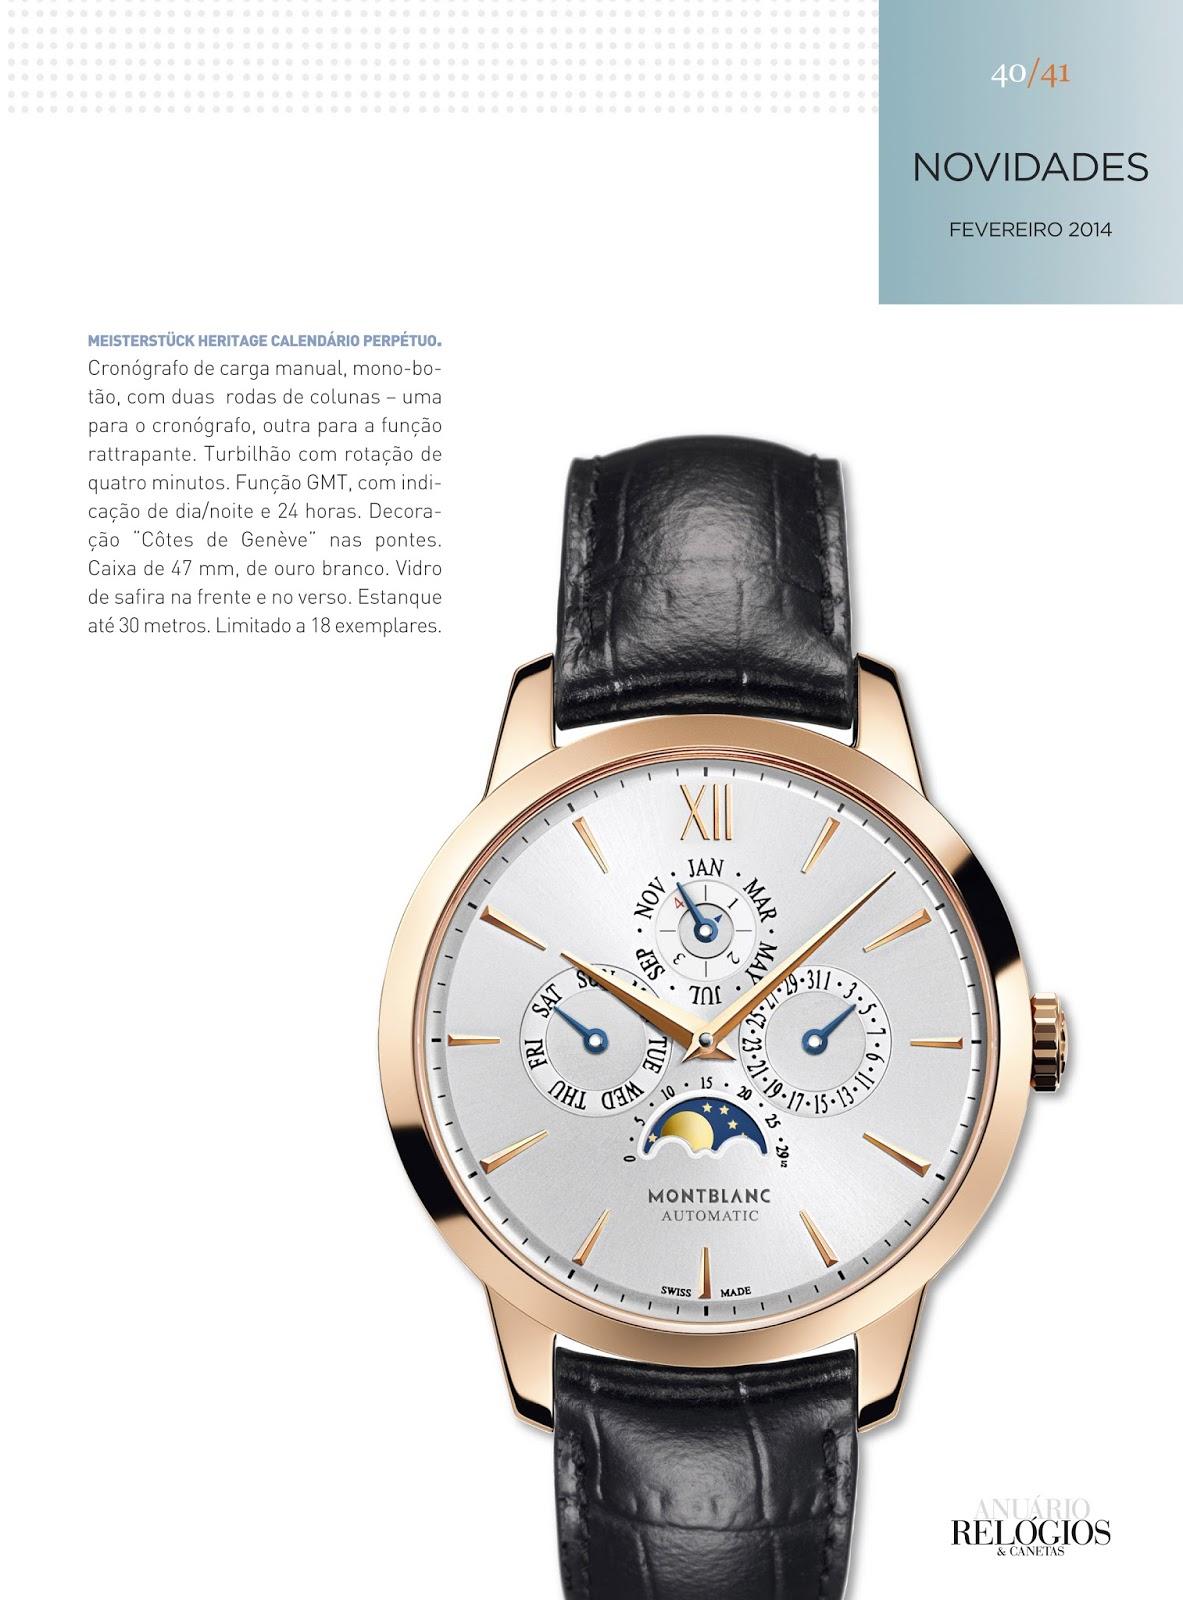 de4d7026c44 Relógios   Canetas online - relógio Montblanc Meisterstück Heritage  Calendário Perpétuo